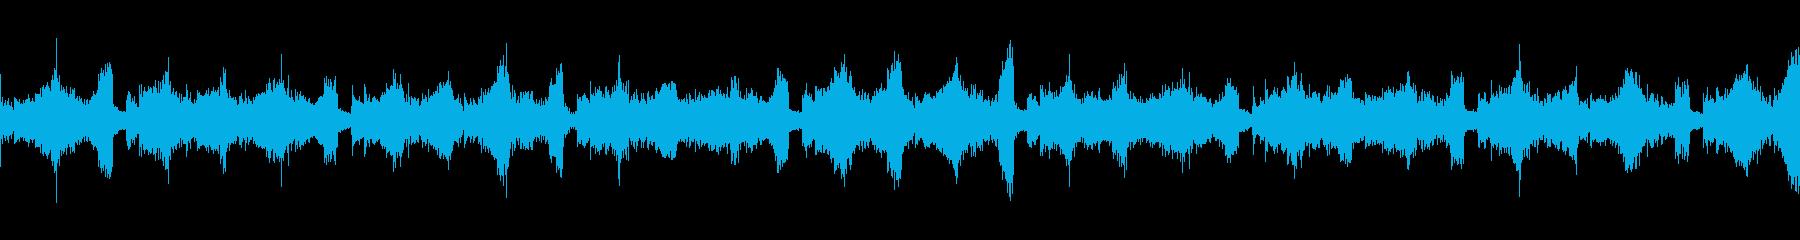 緊迫した重めのロックAパートループの再生済みの波形